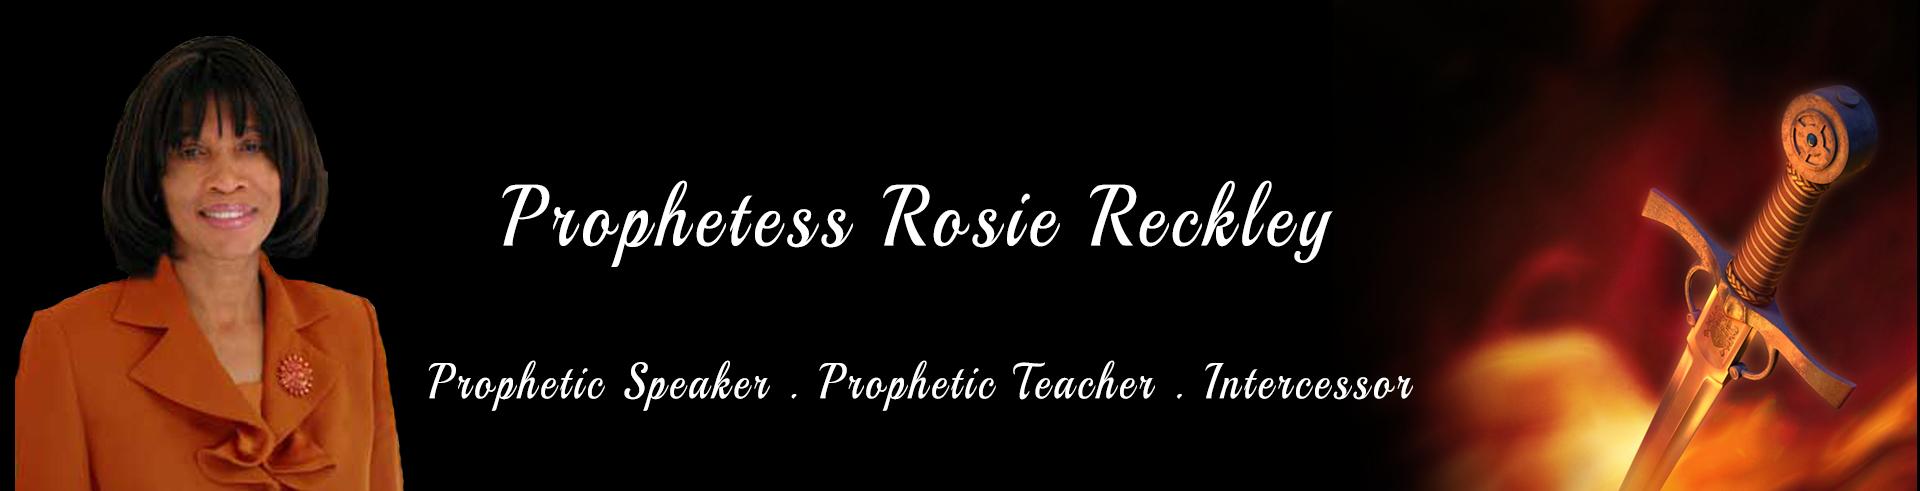 2008 Prophetic Word